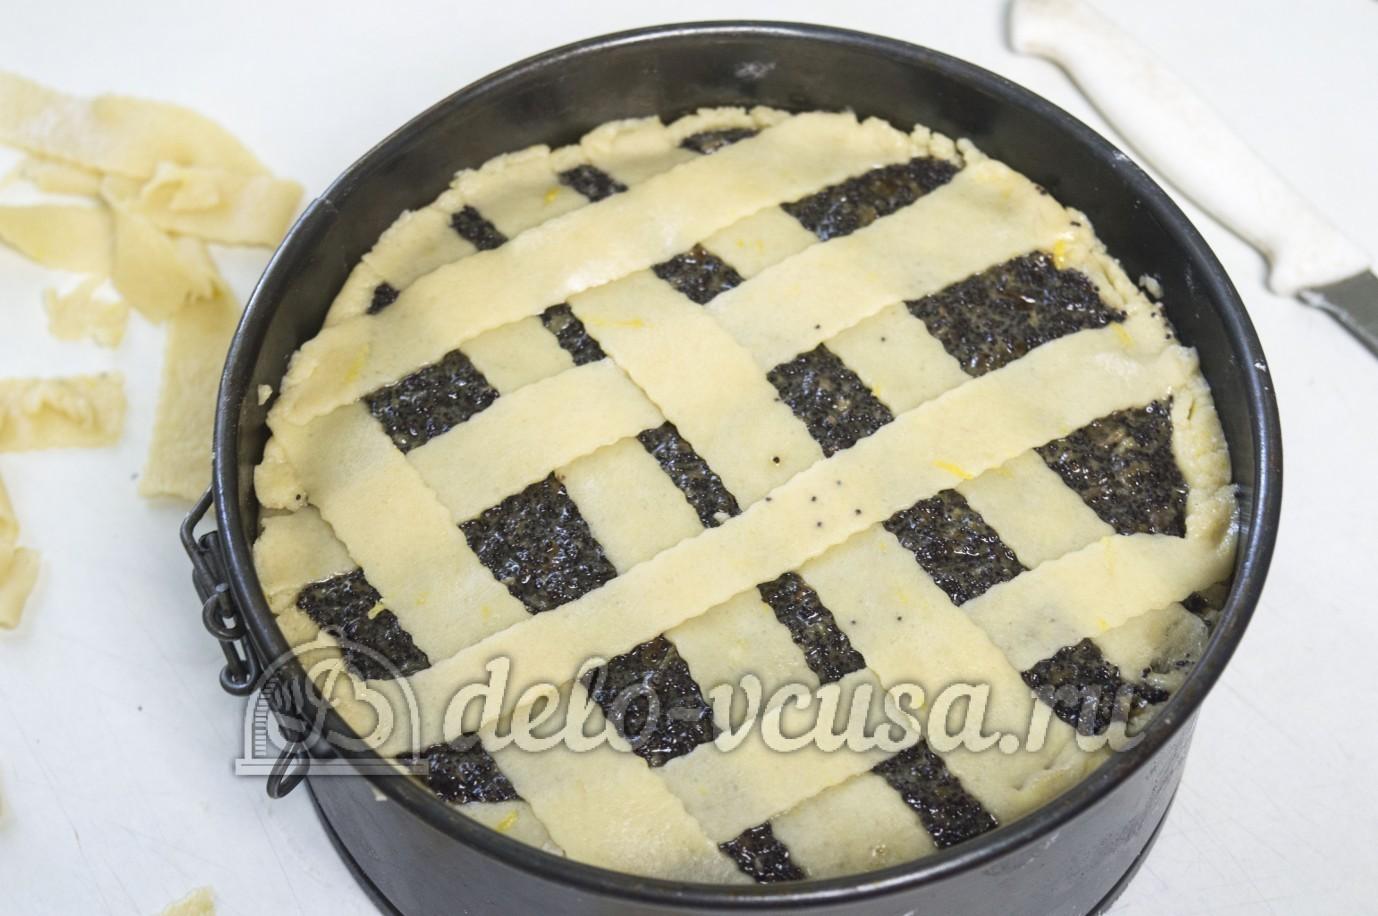 Оформления пирогов или как красиво украсить пироги и тортики 11